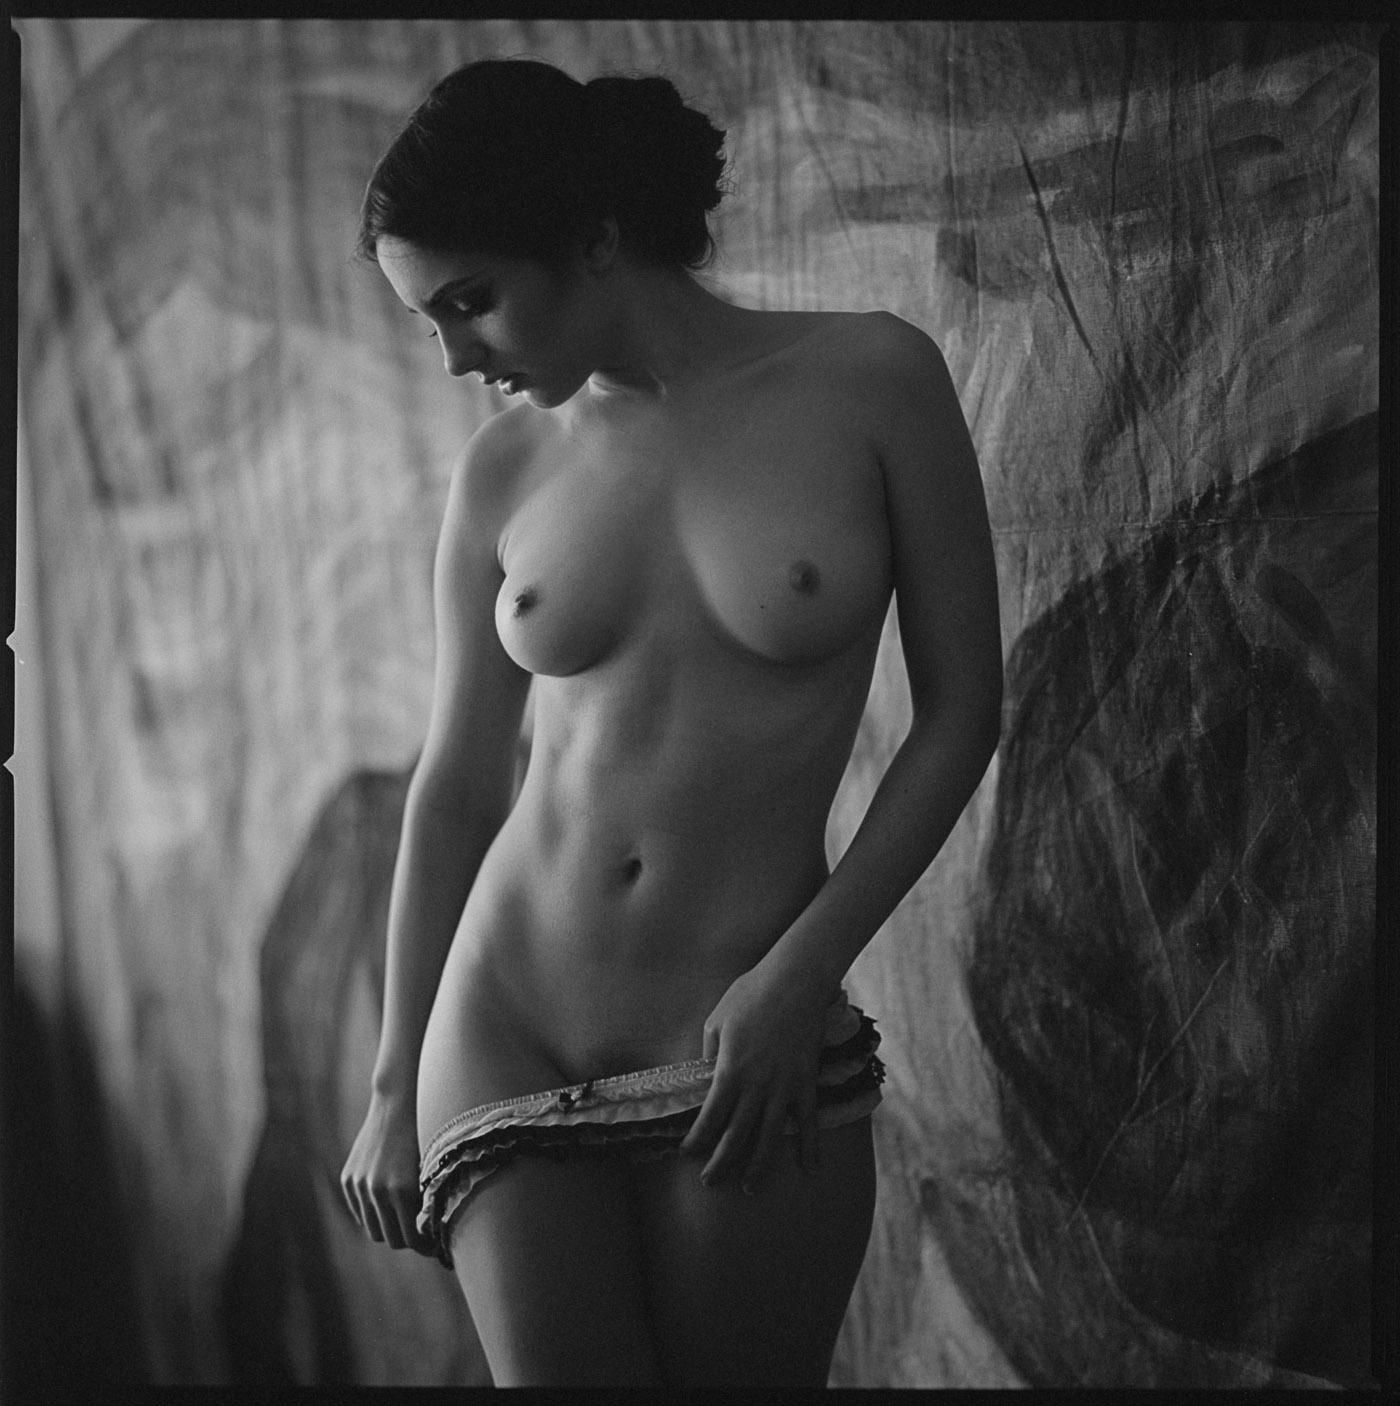 fotograf Radoslav Puyan 5